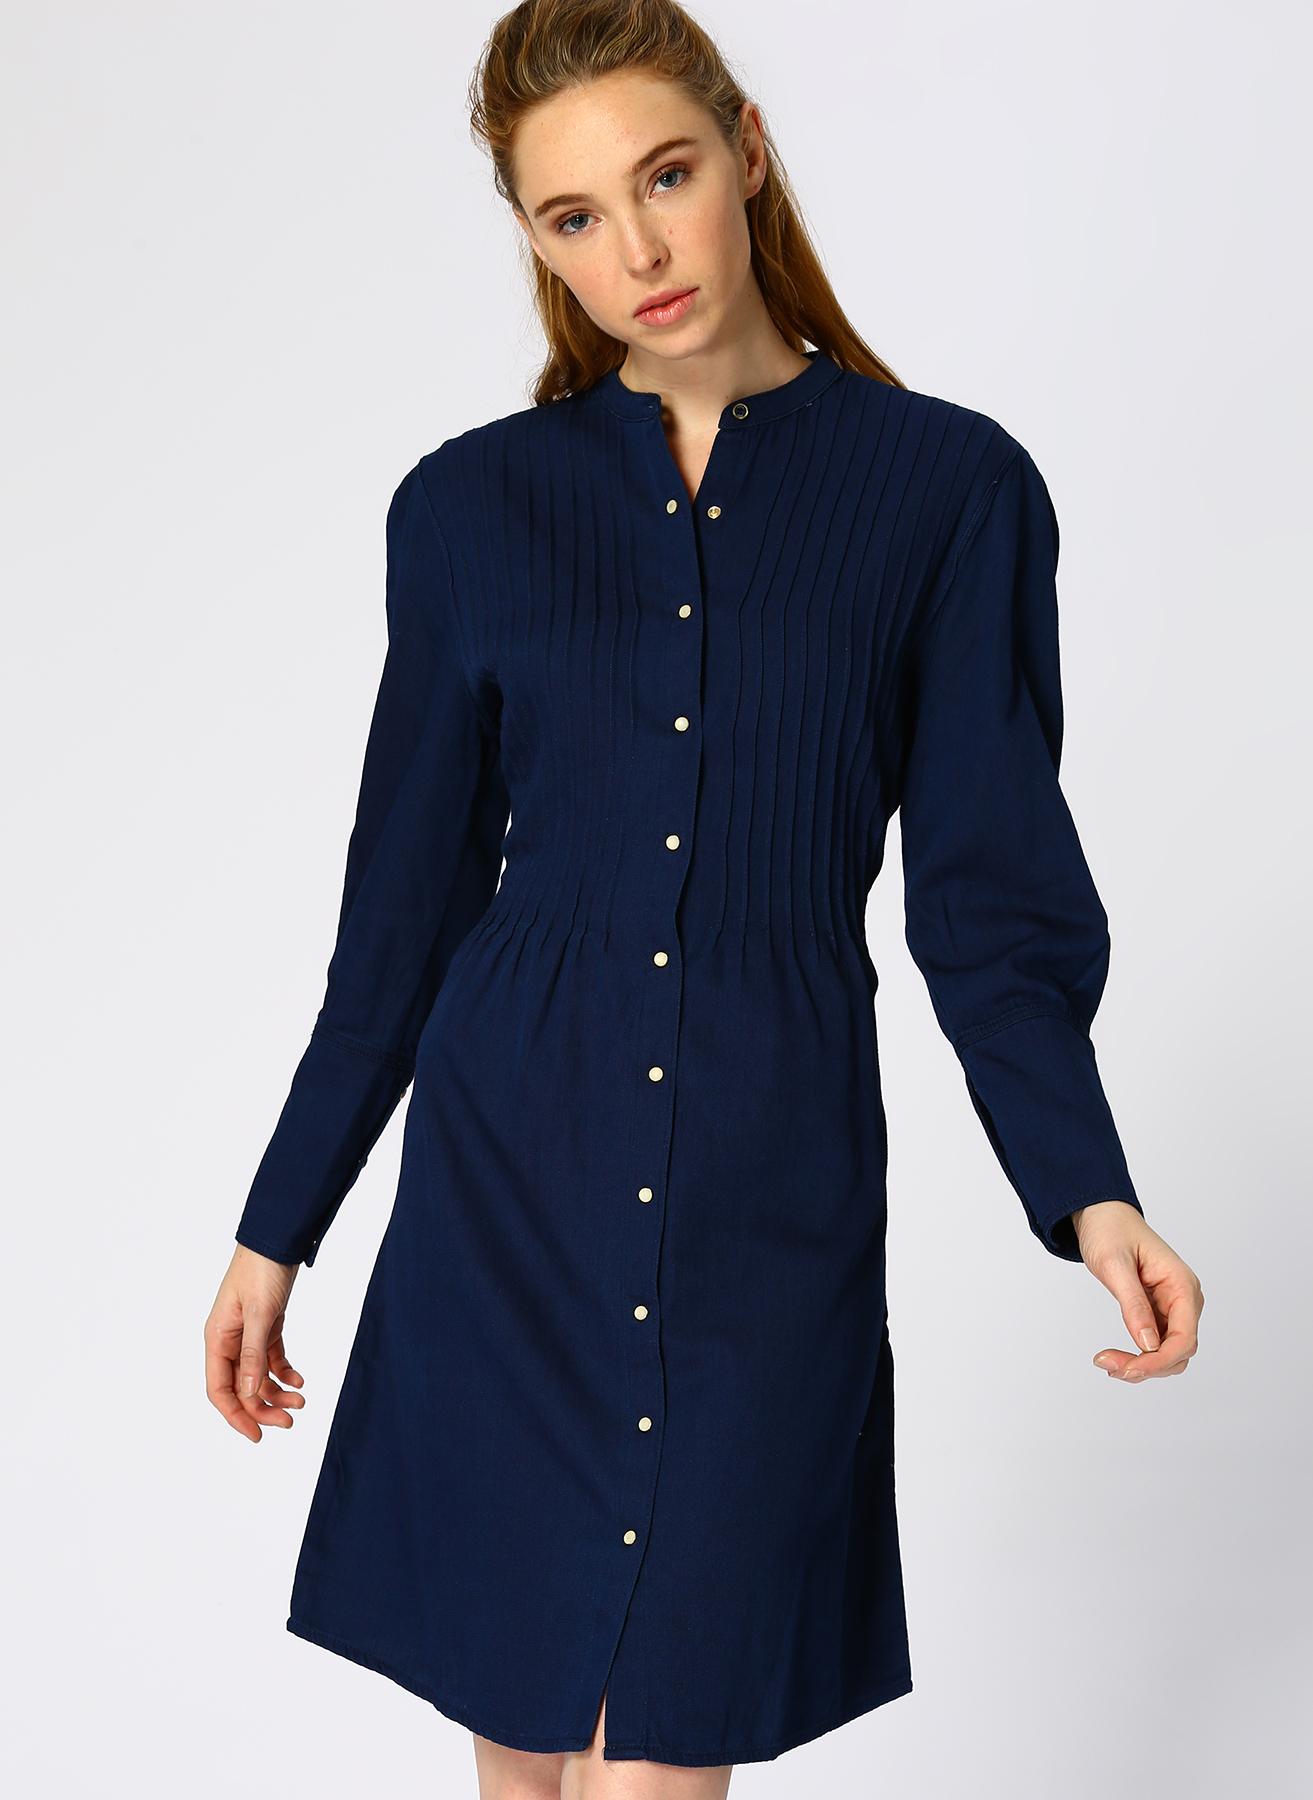 U.S. Polo Assn. Elbise 44 5001733443005 Ürün Resmi